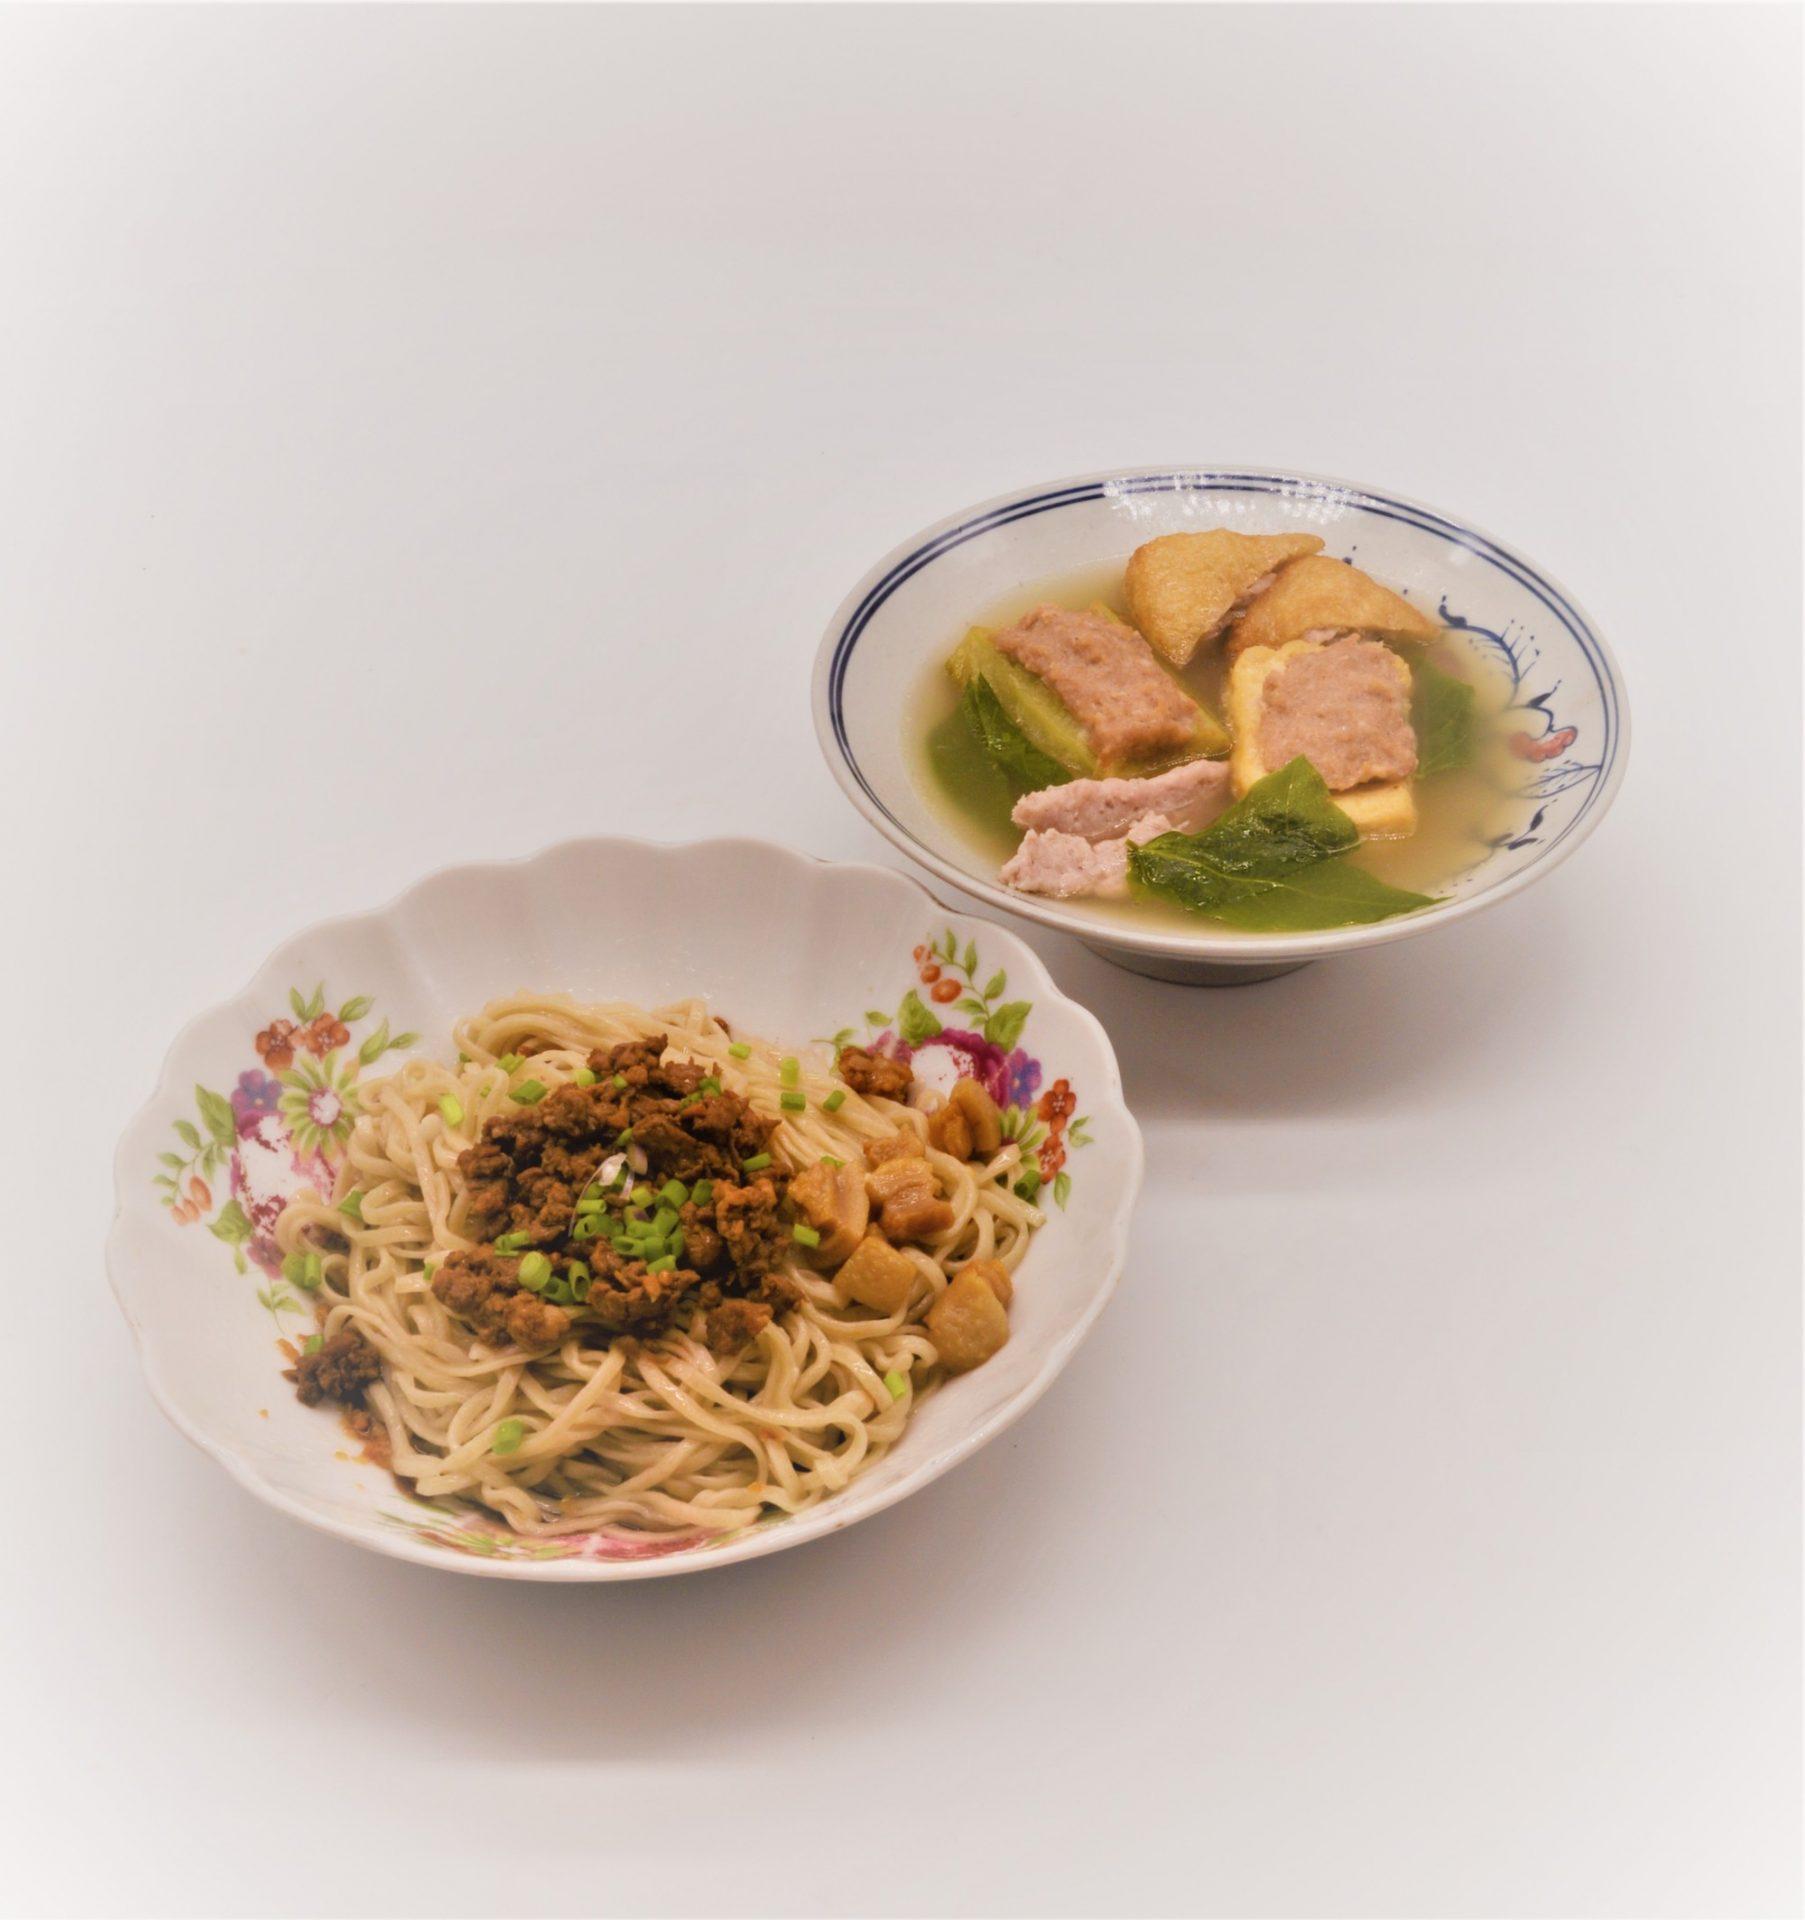 Xin Tekka - Pang's Hakka Noodle